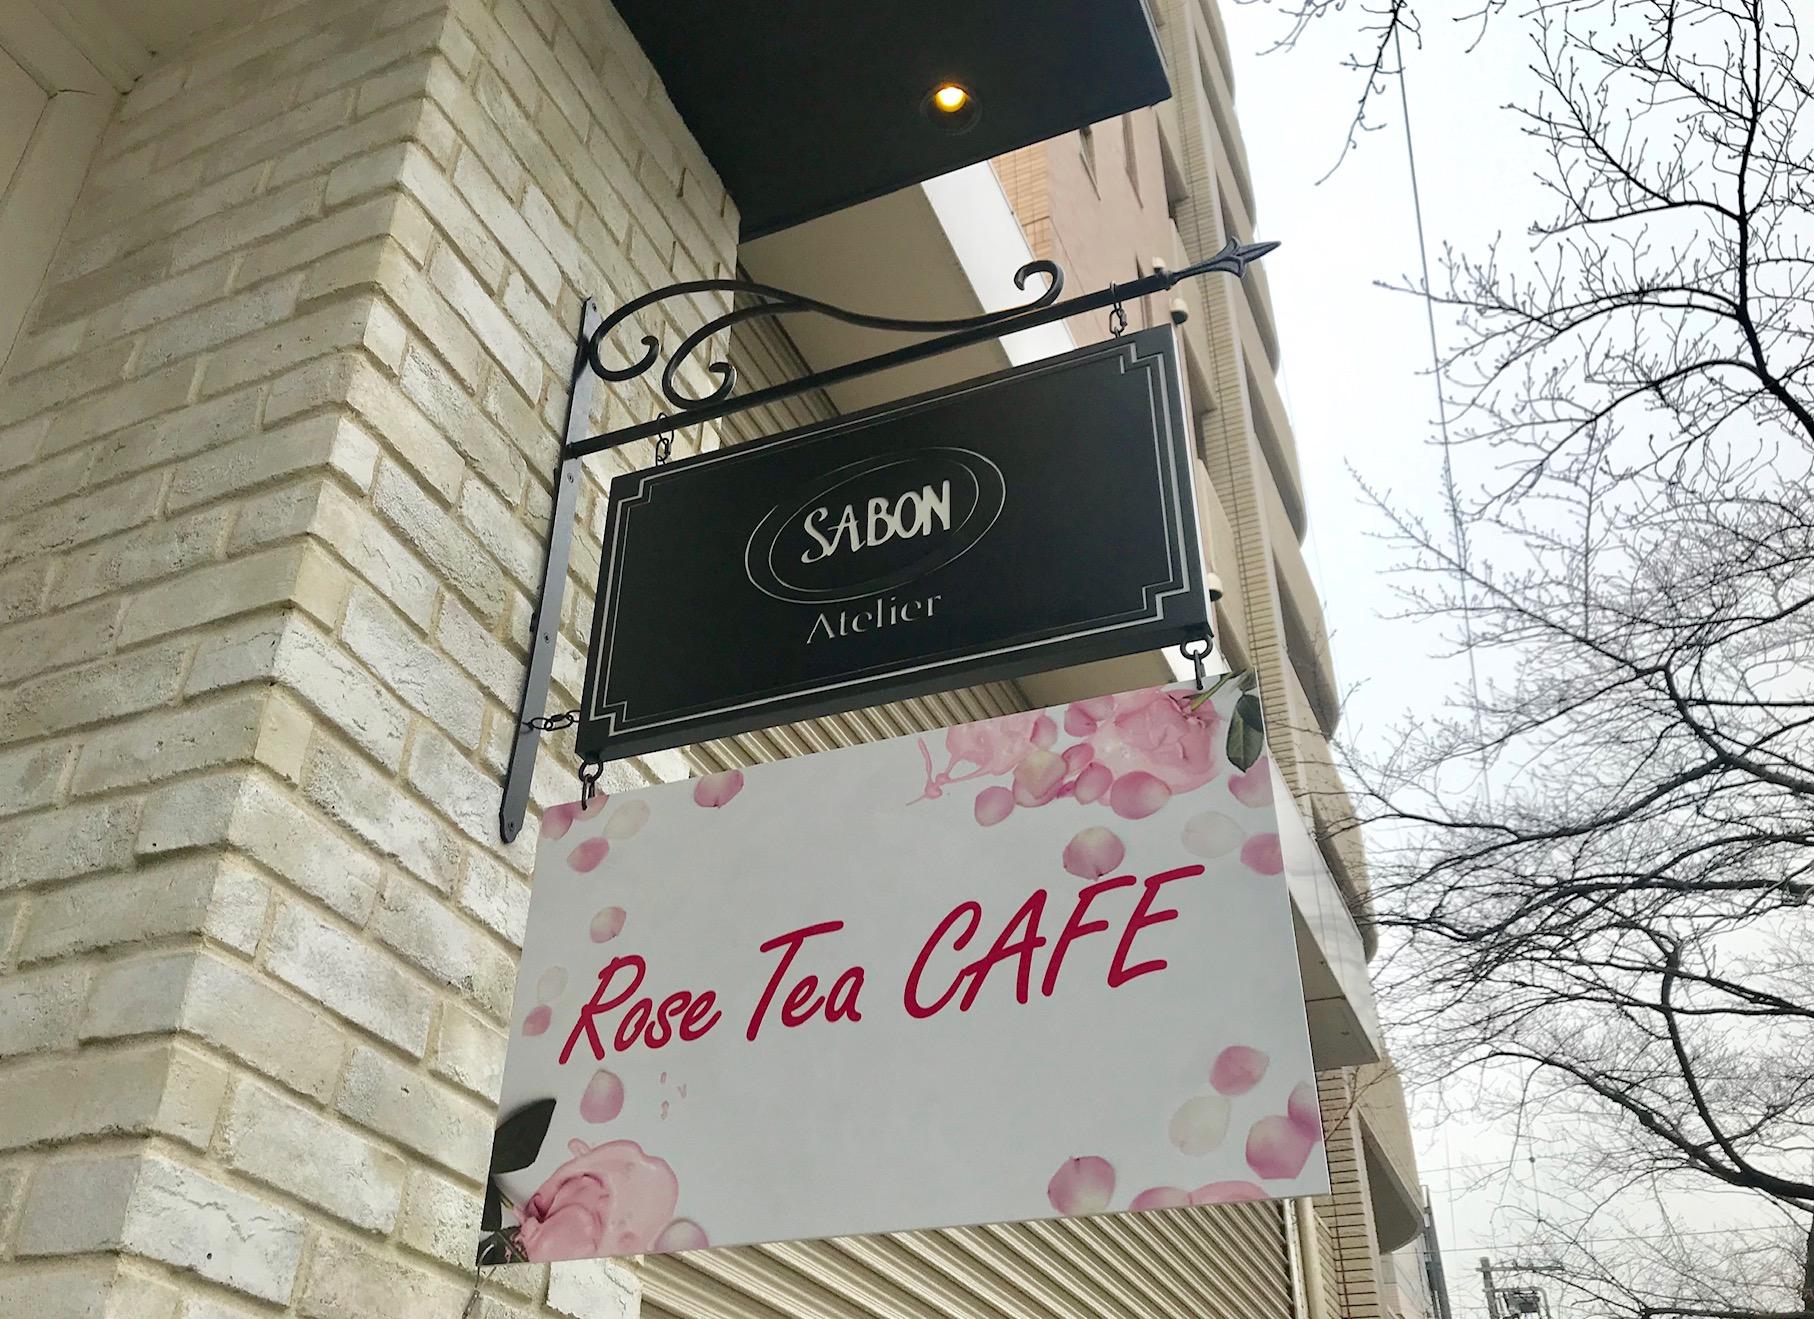 「バターハンドクリーム ラベンダー・ローズ」の現品おみやげつき!!!『SABON』初のアフタヌーンティーカフェ「SABON Rose Tea CAFÉ」が素敵すぎる♡【#桜 2019 10】_1